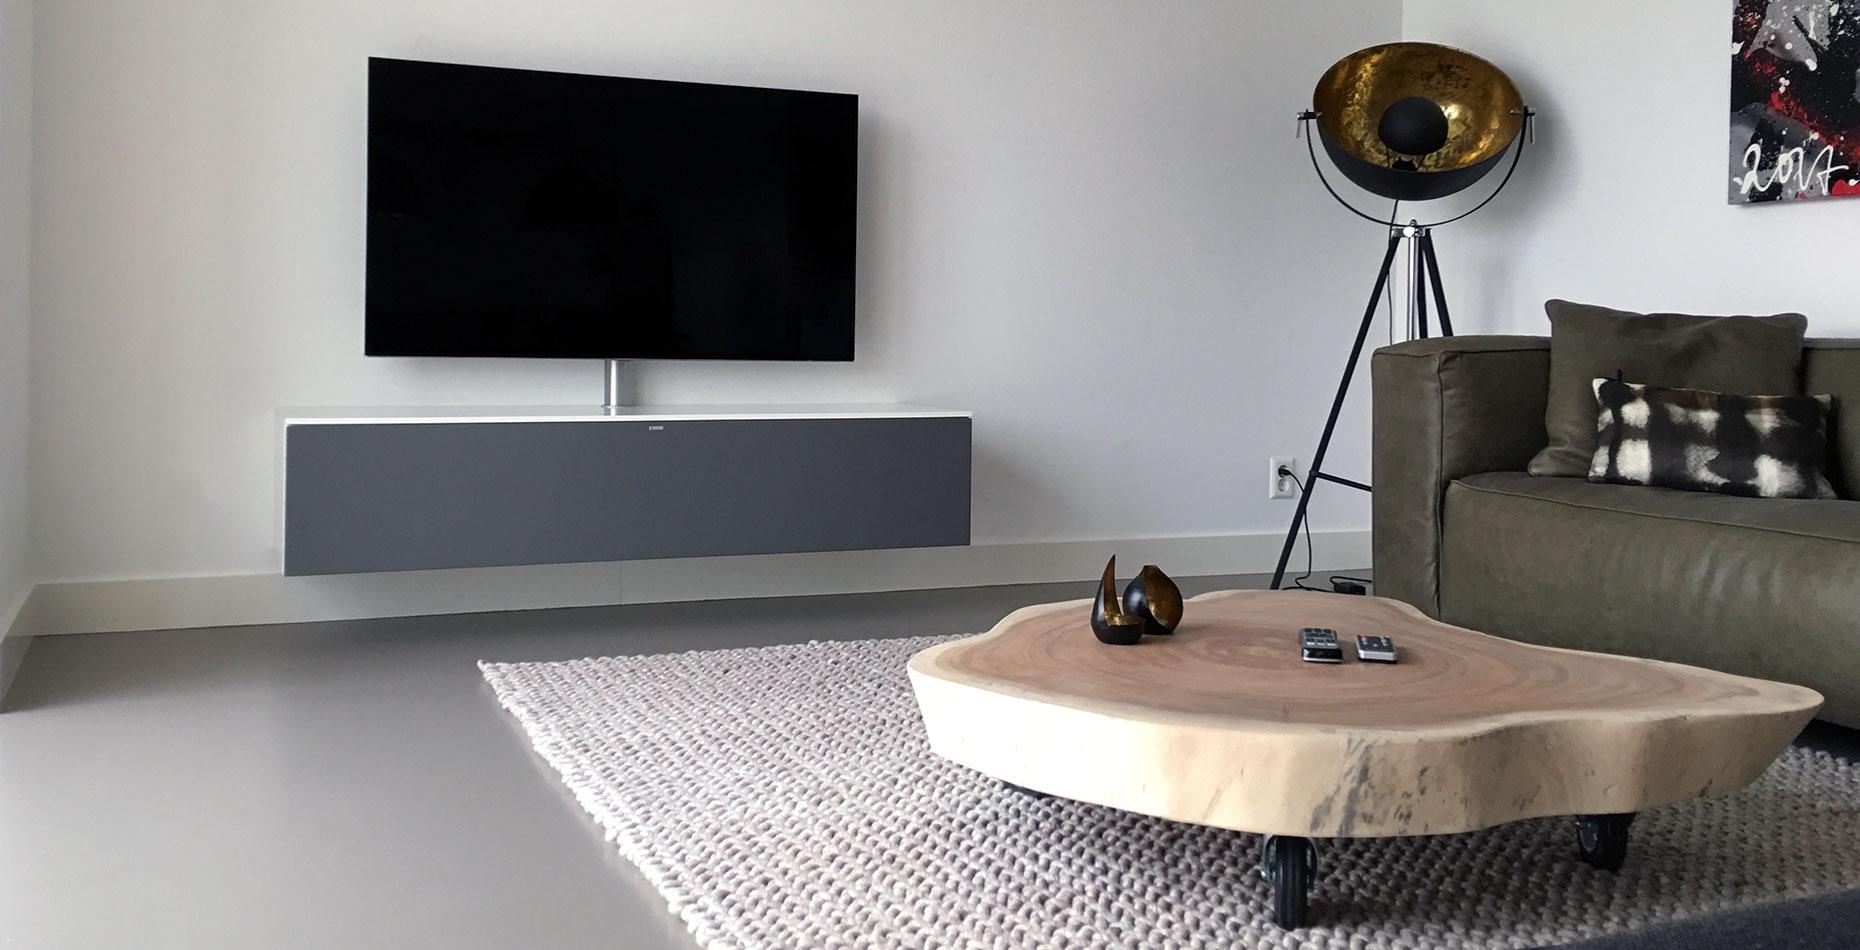 Spectral maatwerk tv meubel Next